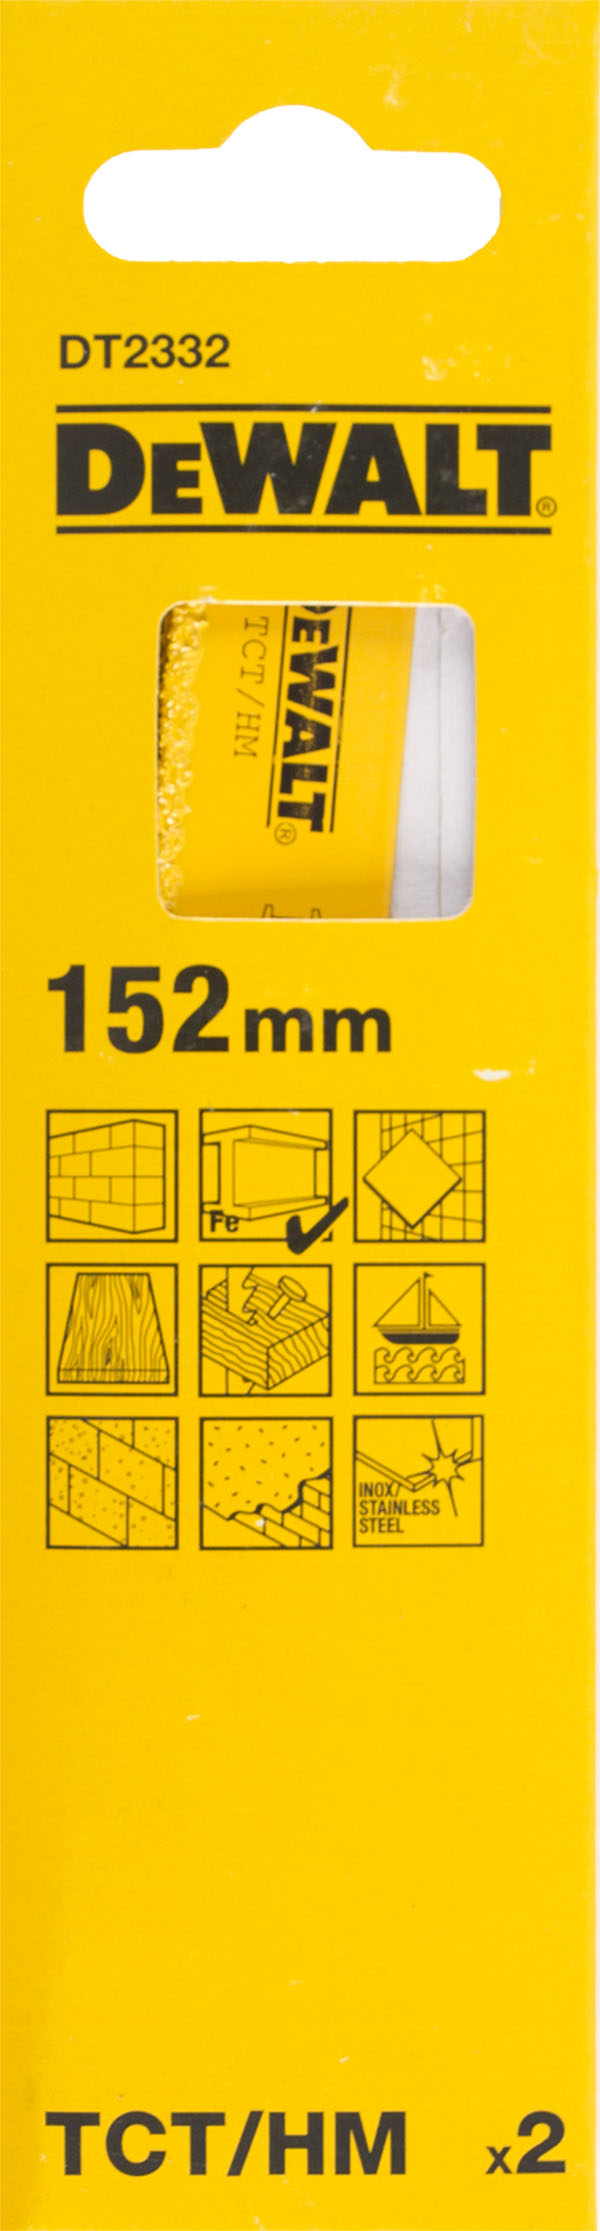 Полотно для сабельной пилы Dewalt 152мм, НМ, 2шт/уп (dt2332-qz) полотно dewalt dt2422 для сабельной пилы s2243hm 457 мм dt2422 qz